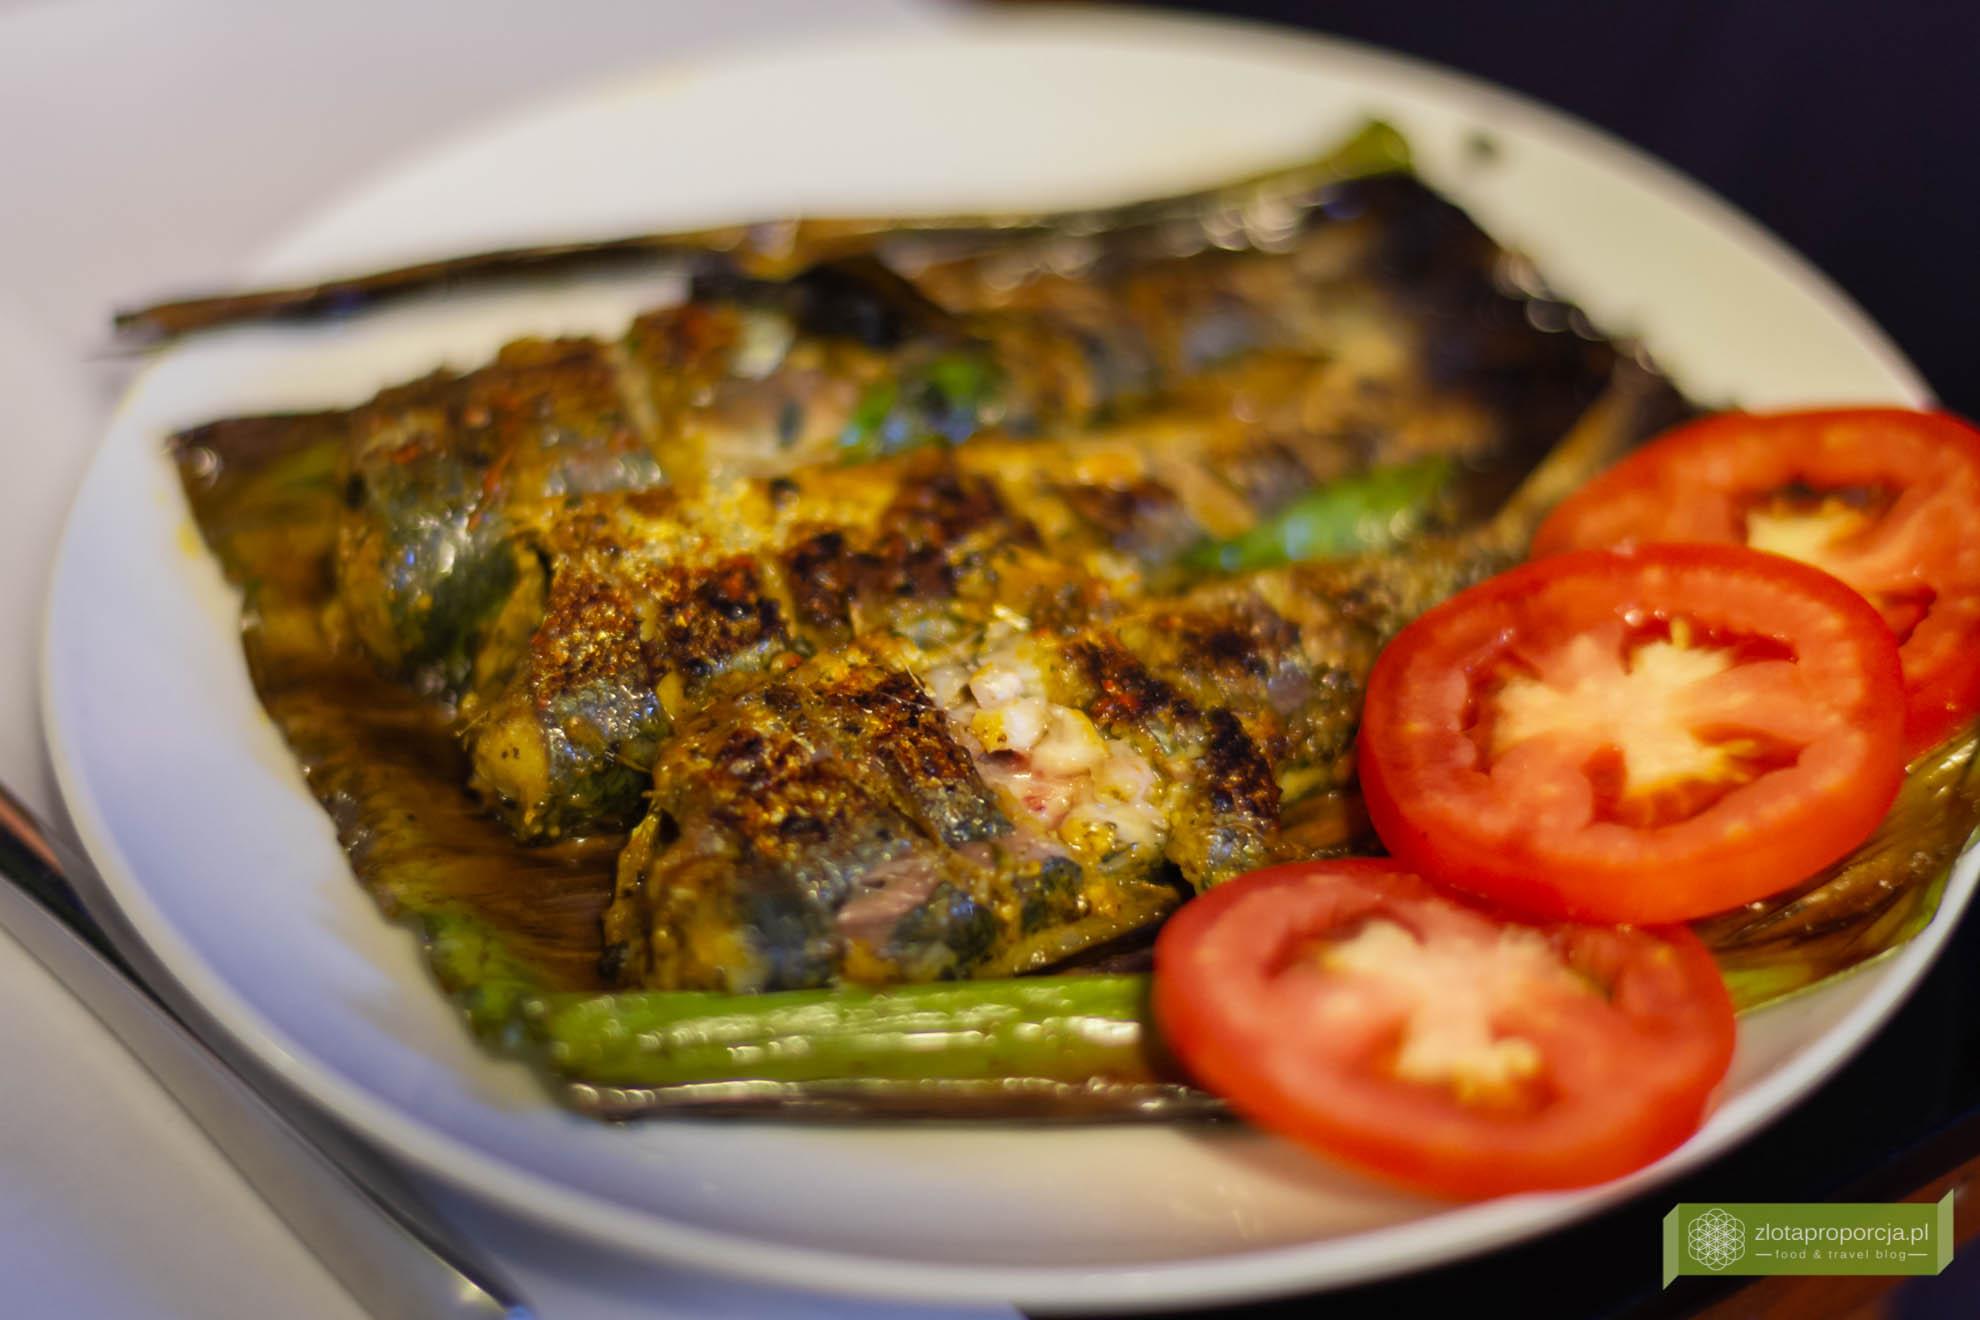 Indie, kuchnia indyjska, indyjskie potrawy, fish molee